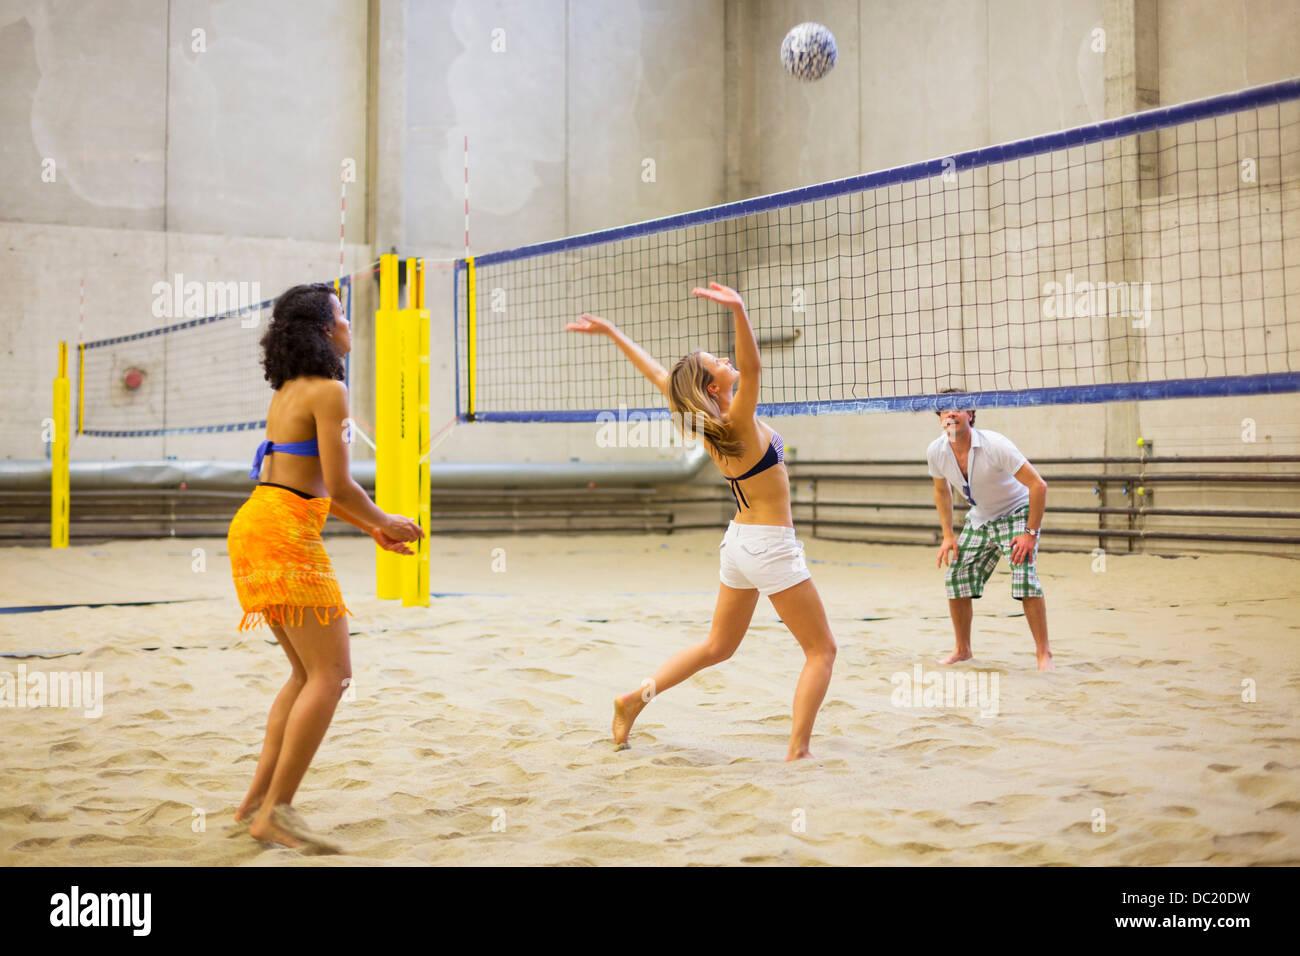 Freunde spielen indoor Beach-volleyball Stockfoto, Bild: 59051269 ...